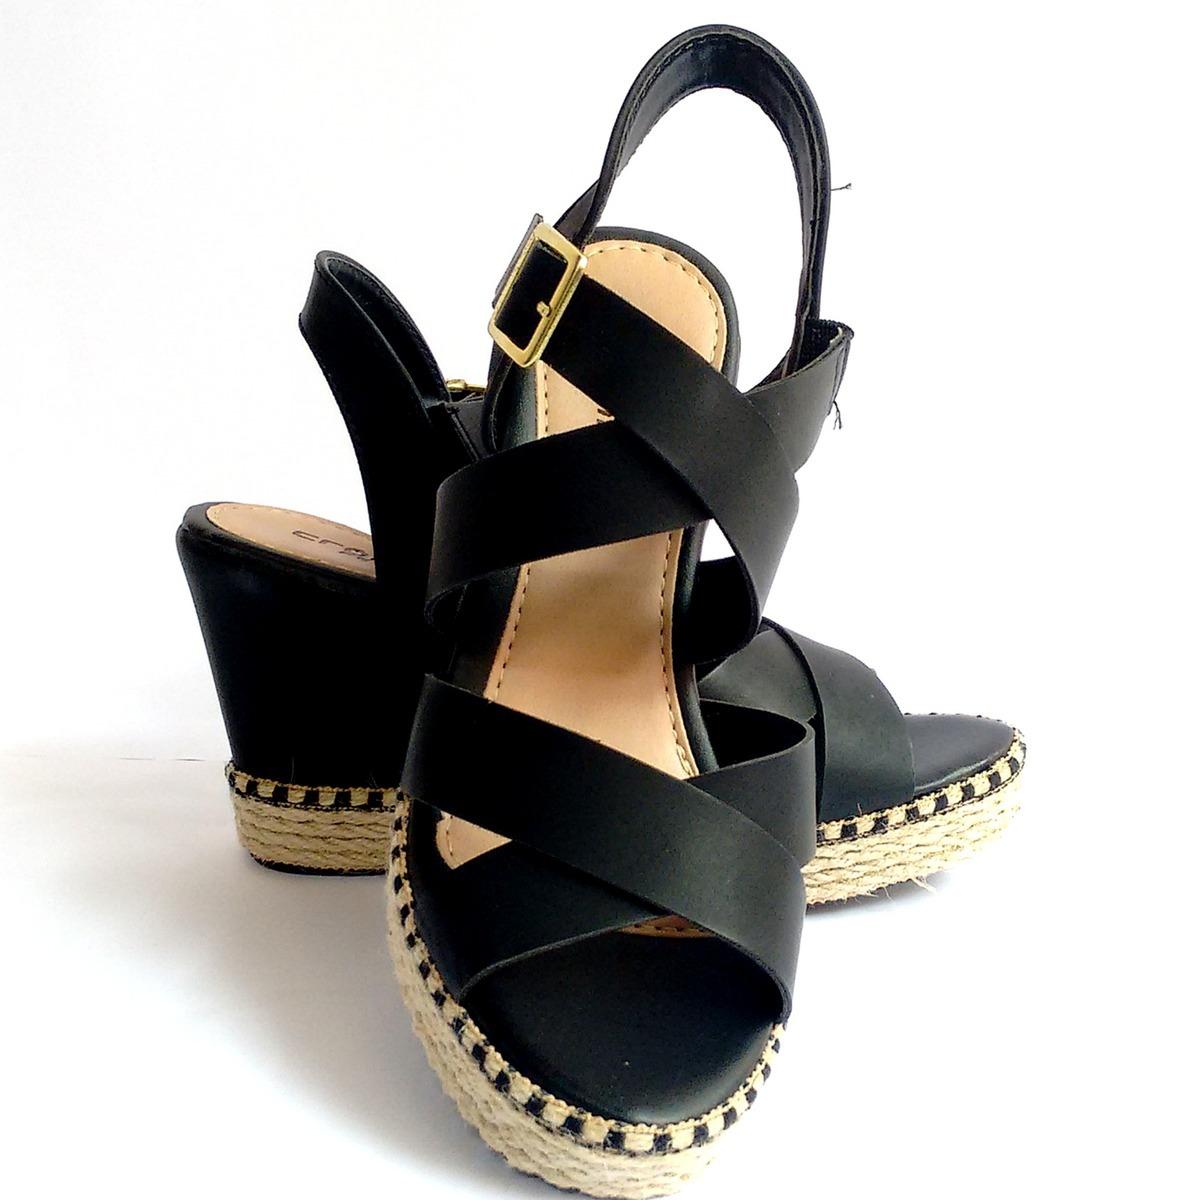 32218d849 sandália anabela feminina preta plataforma salto alto corda. Carregando  zoom.